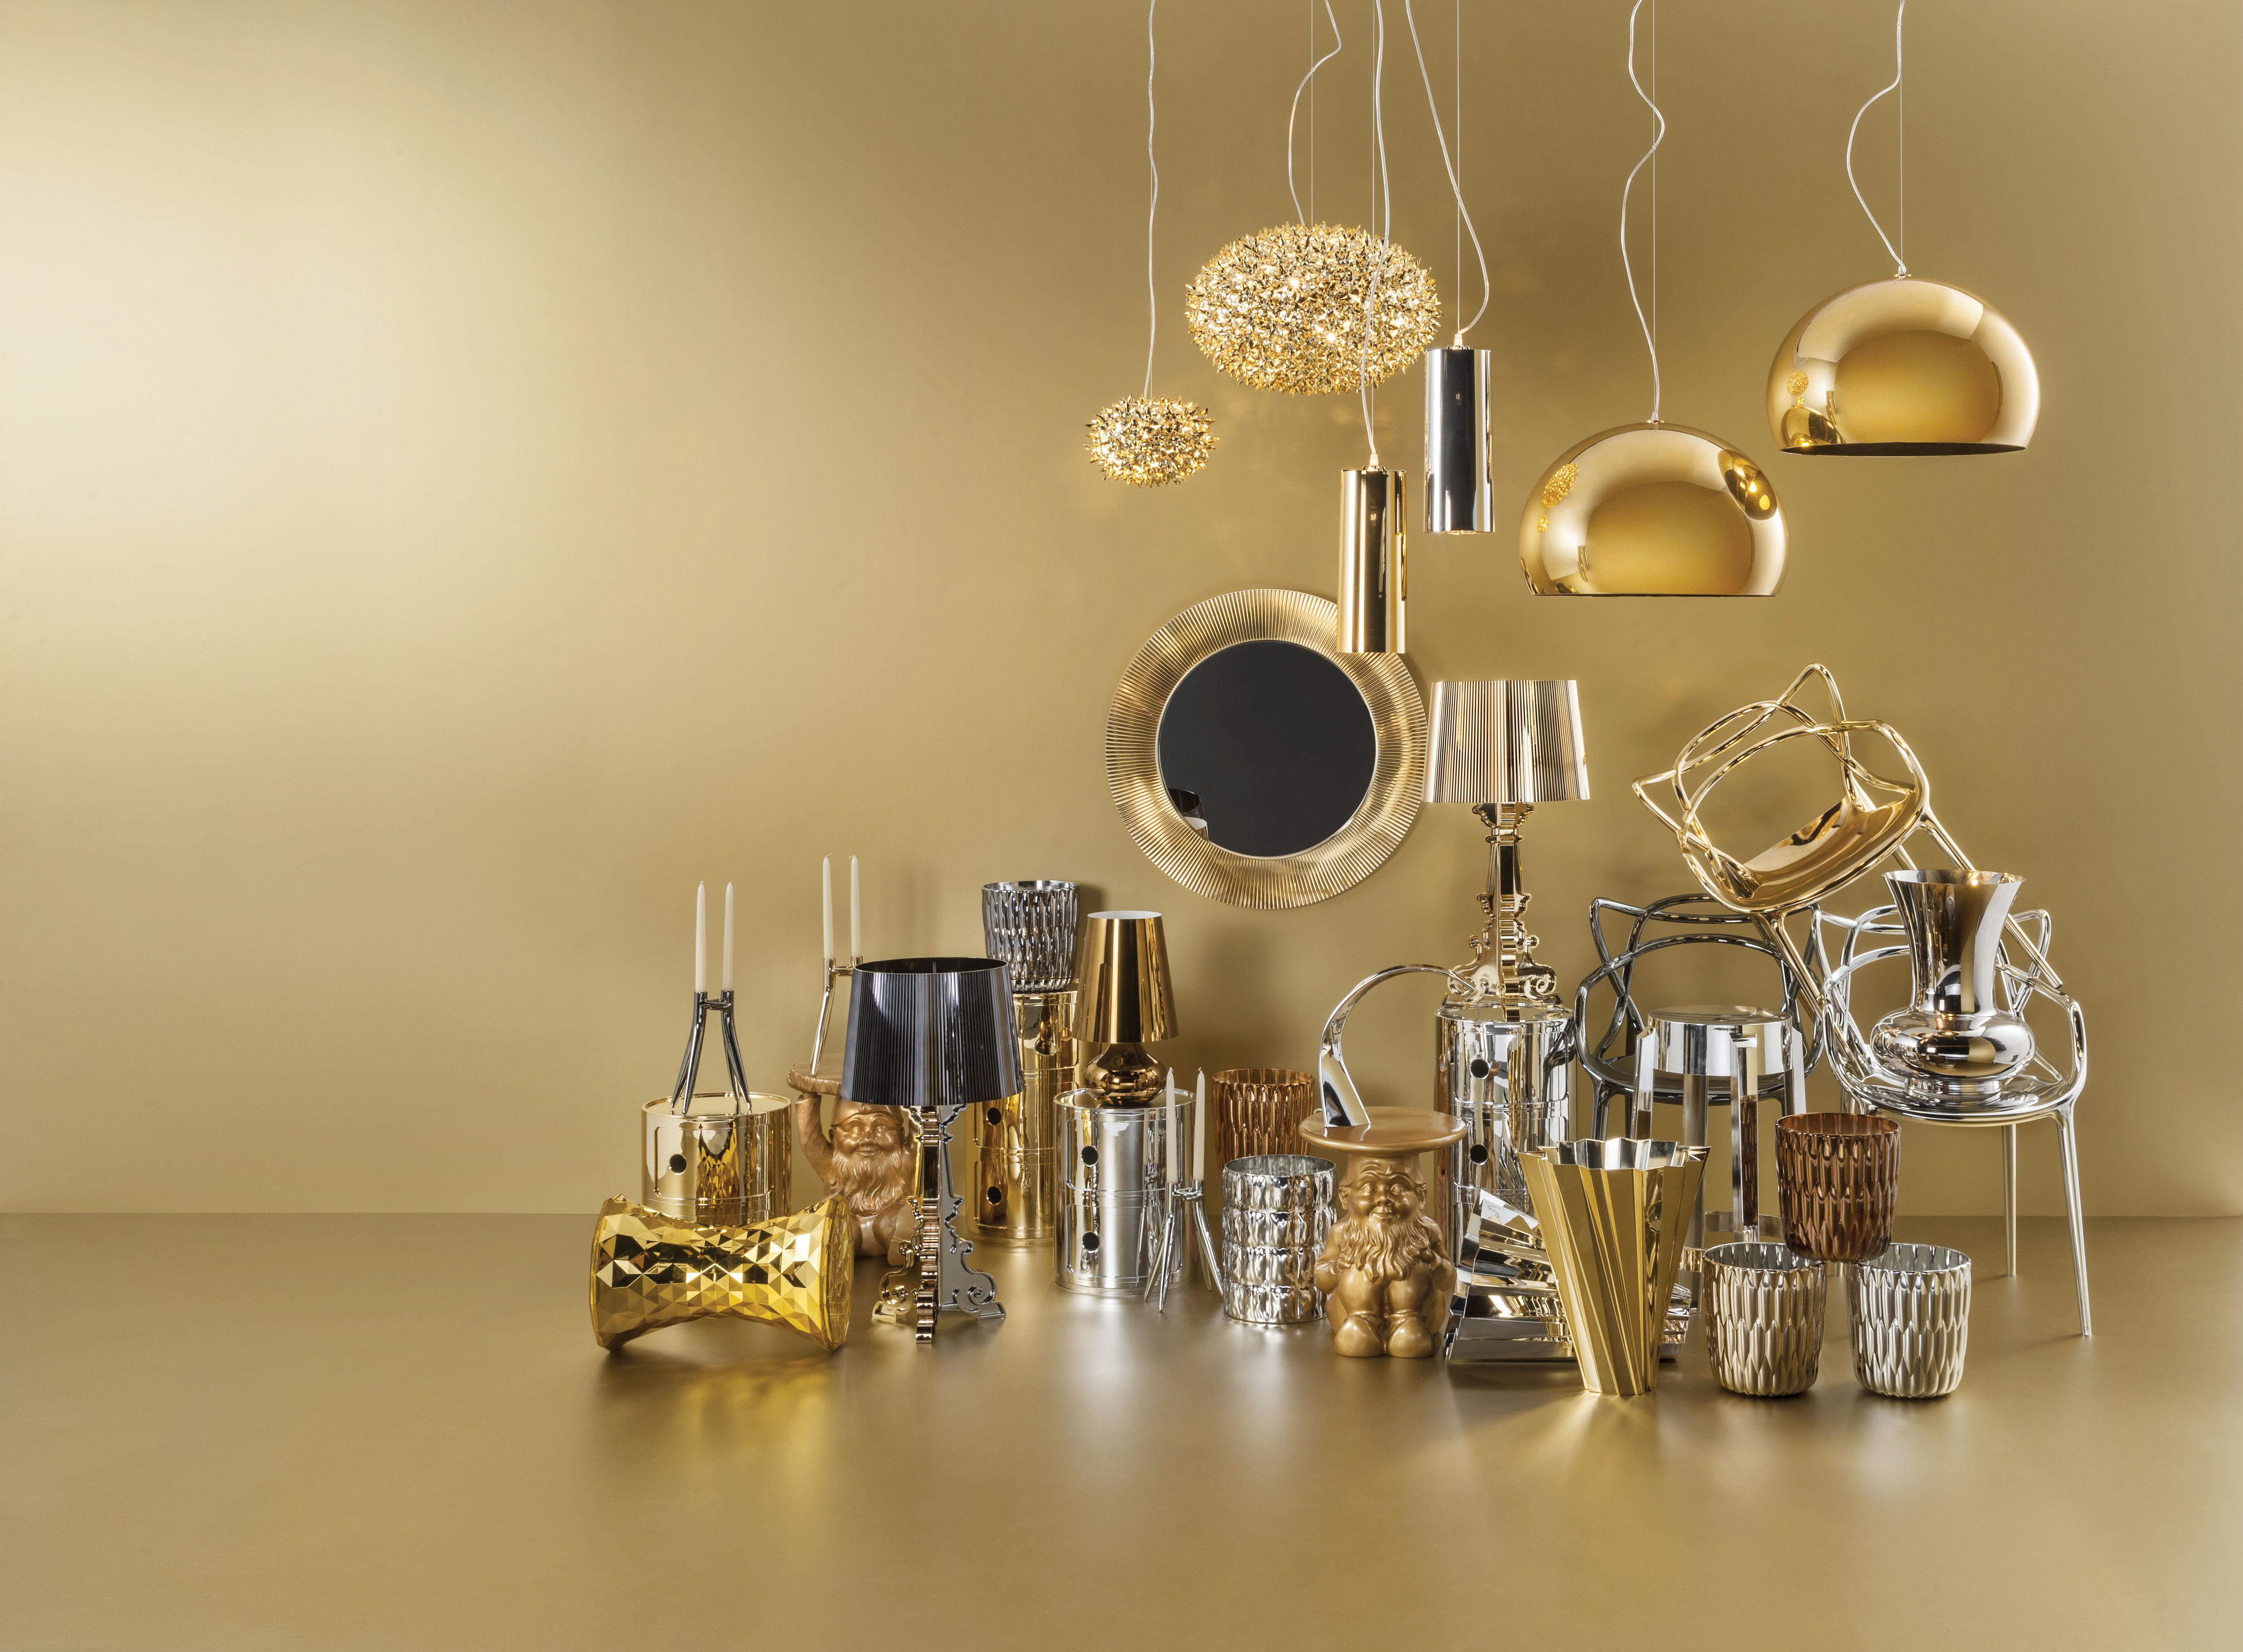 lampe de table bourgie kartell cuivre 37 made in design. Black Bedroom Furniture Sets. Home Design Ideas